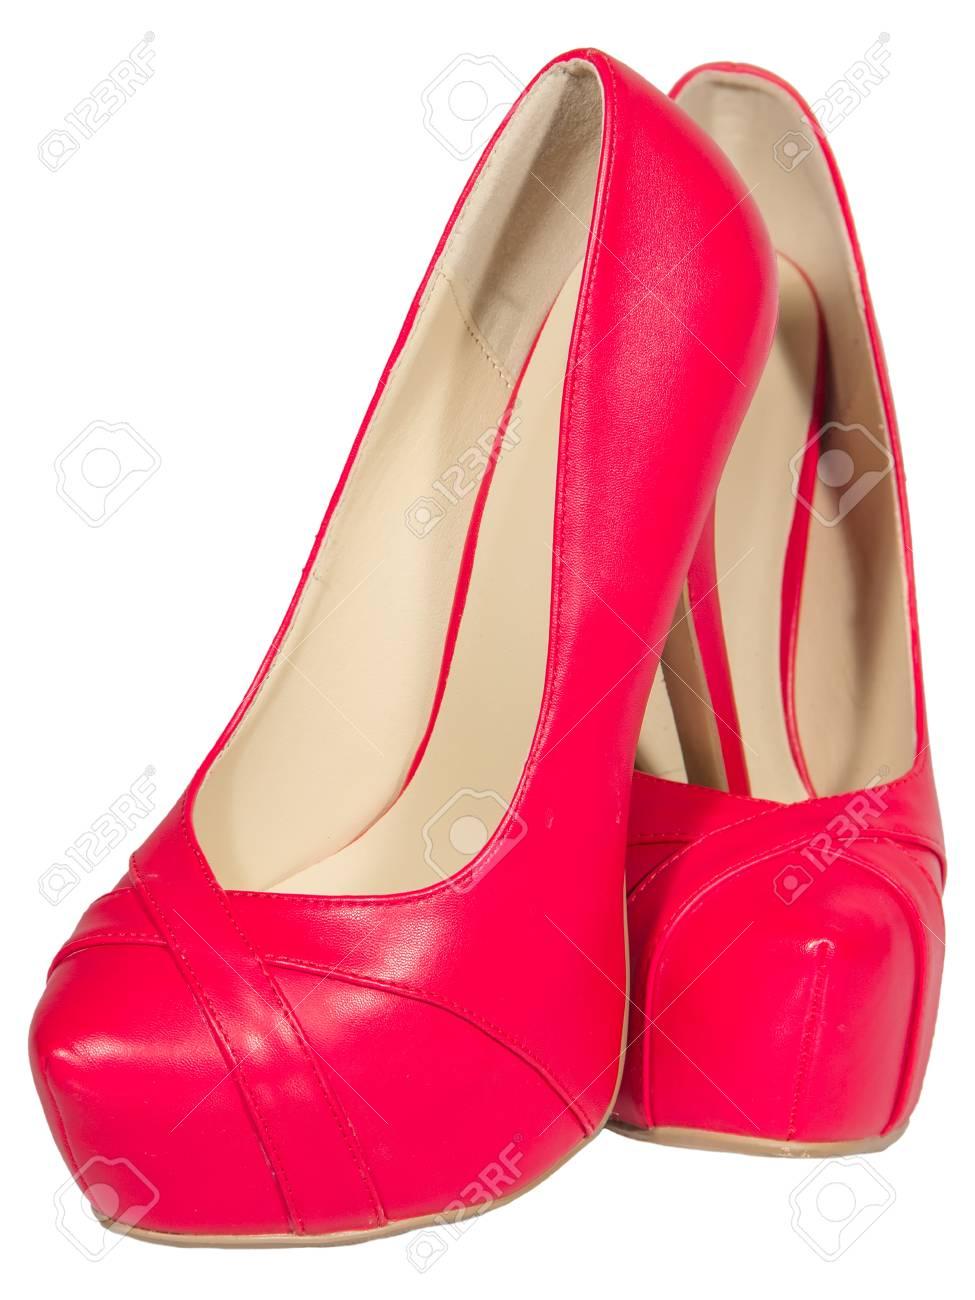 en soldes lacer dans Conception innovante Chaussures femmes haut talon rouge isolé fond blanc